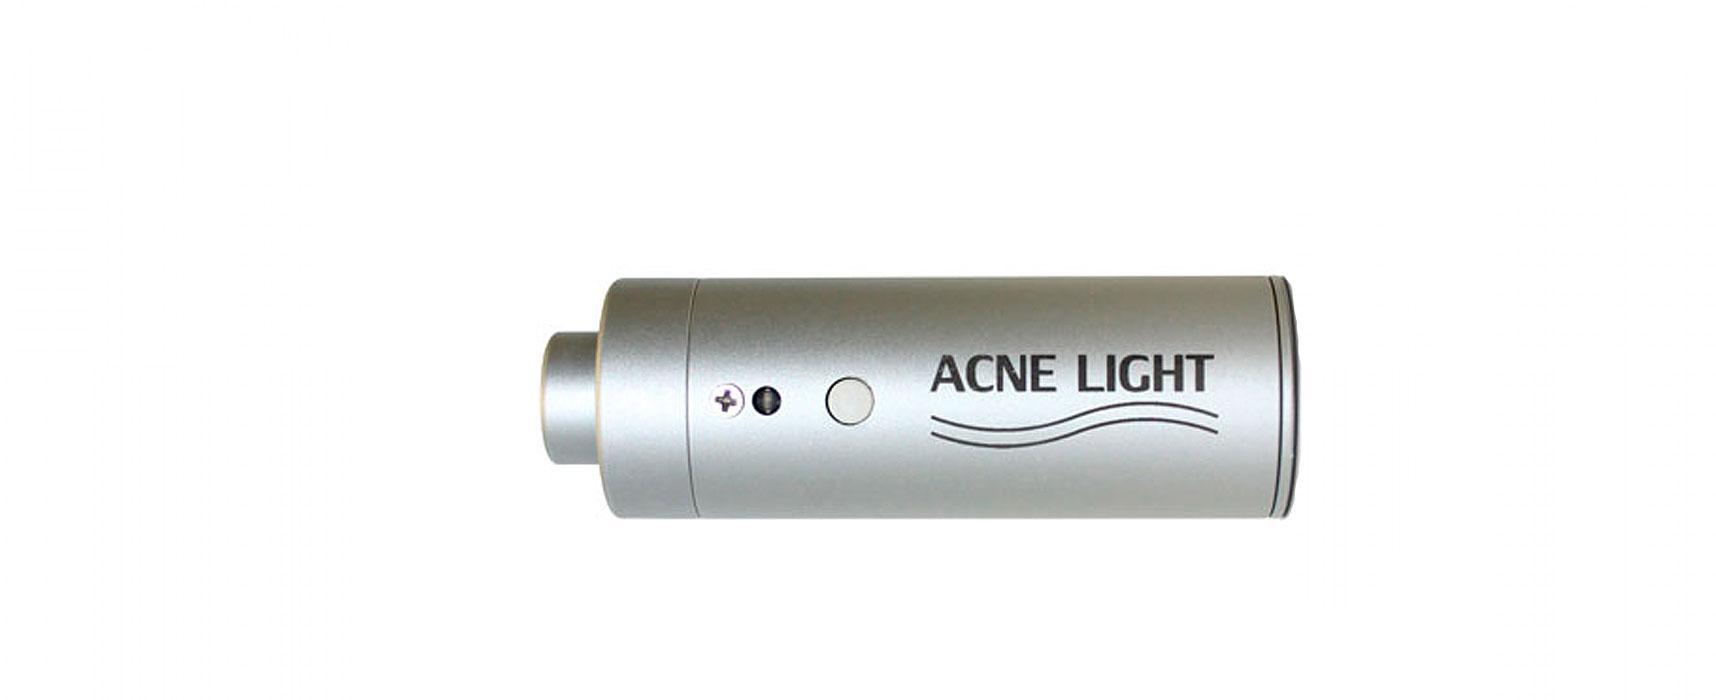 Acne Light - LED Azul para Tratamento de Acne Home Care | DMC